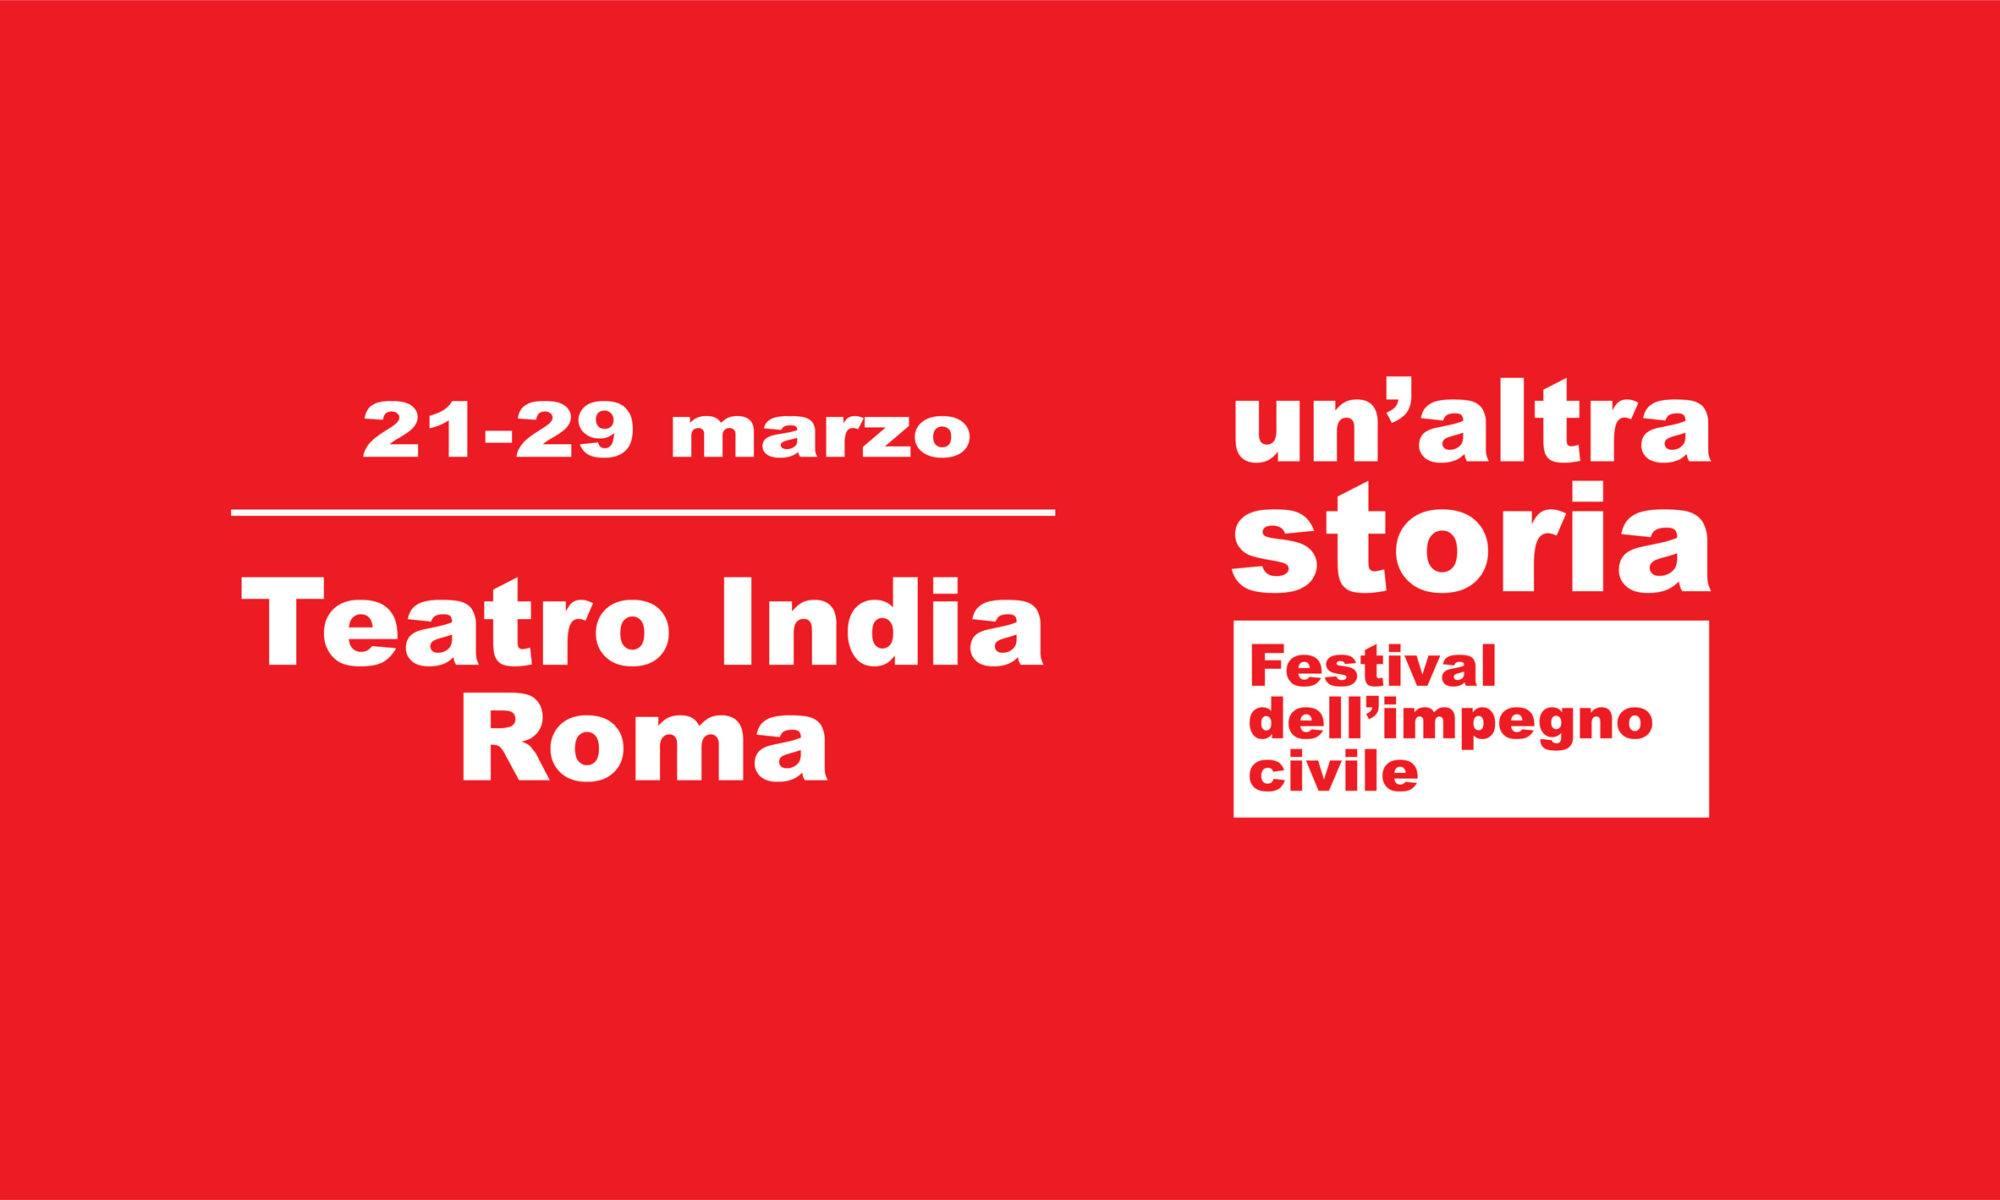 """""""Un'altra Storia"""" - Festival dell'impegno civile - Dal 21 al 29 Marzo - Teatro India di Roma"""